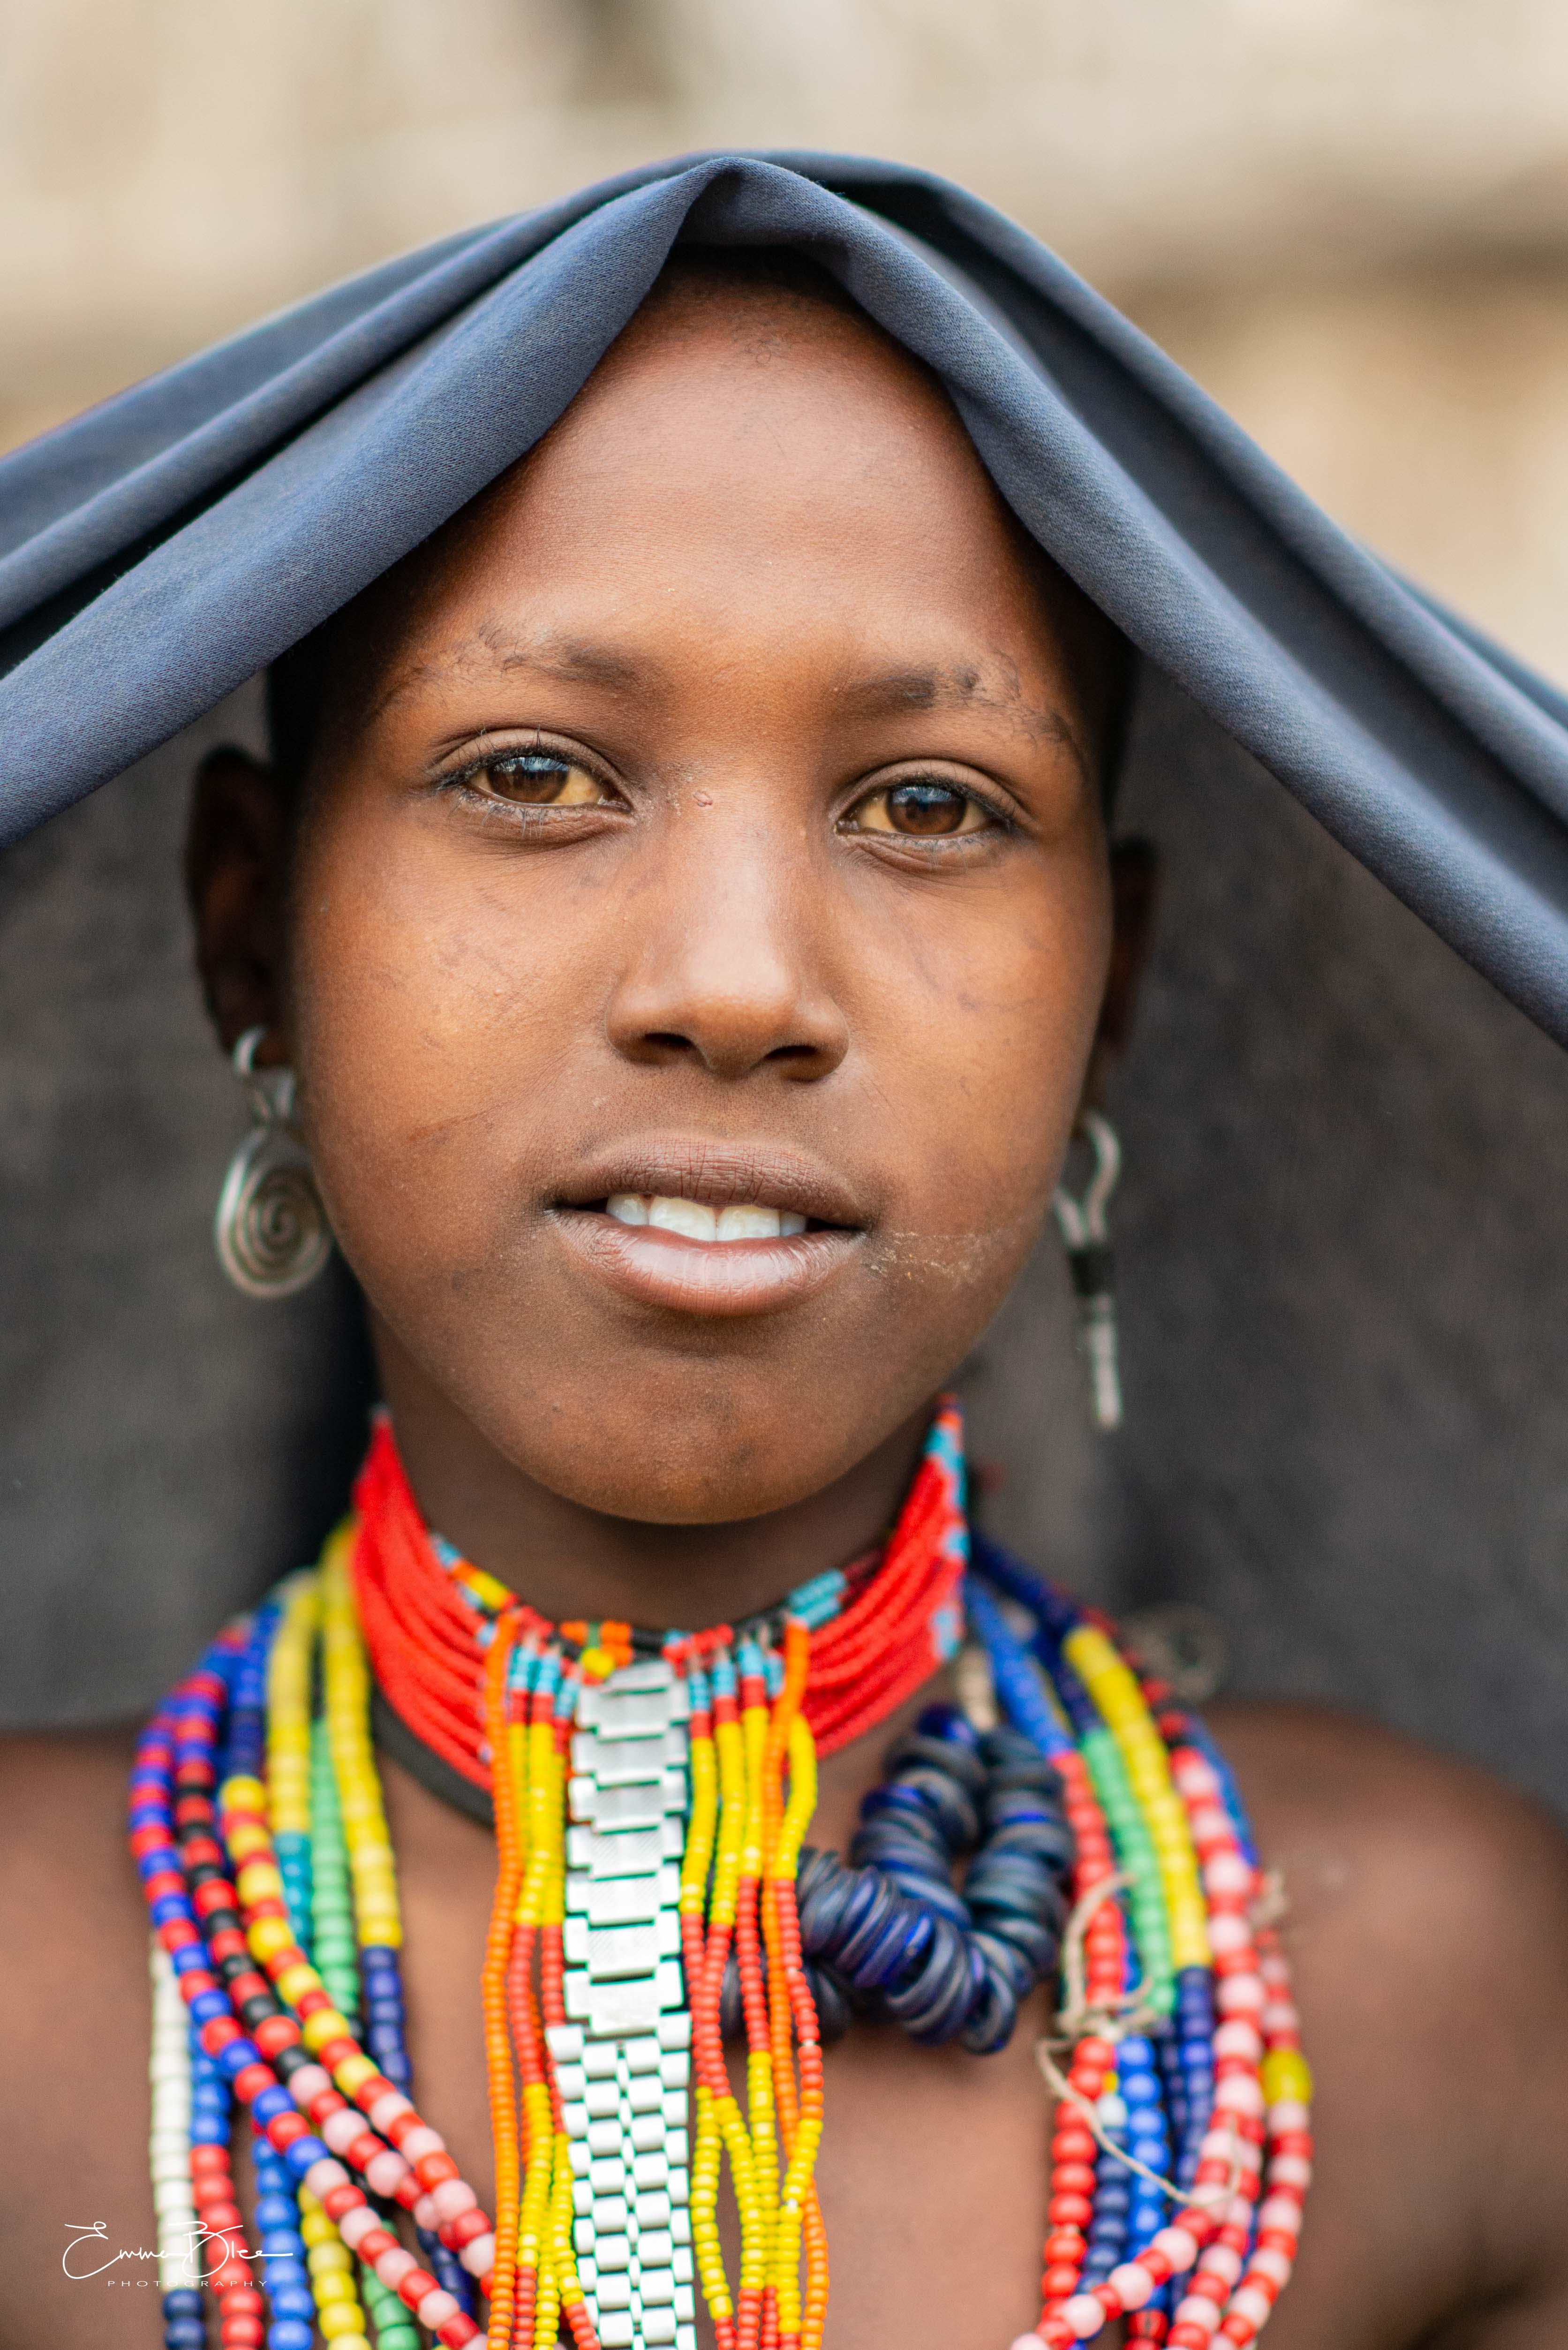 EB_20_01_11_Ethiopia_1943